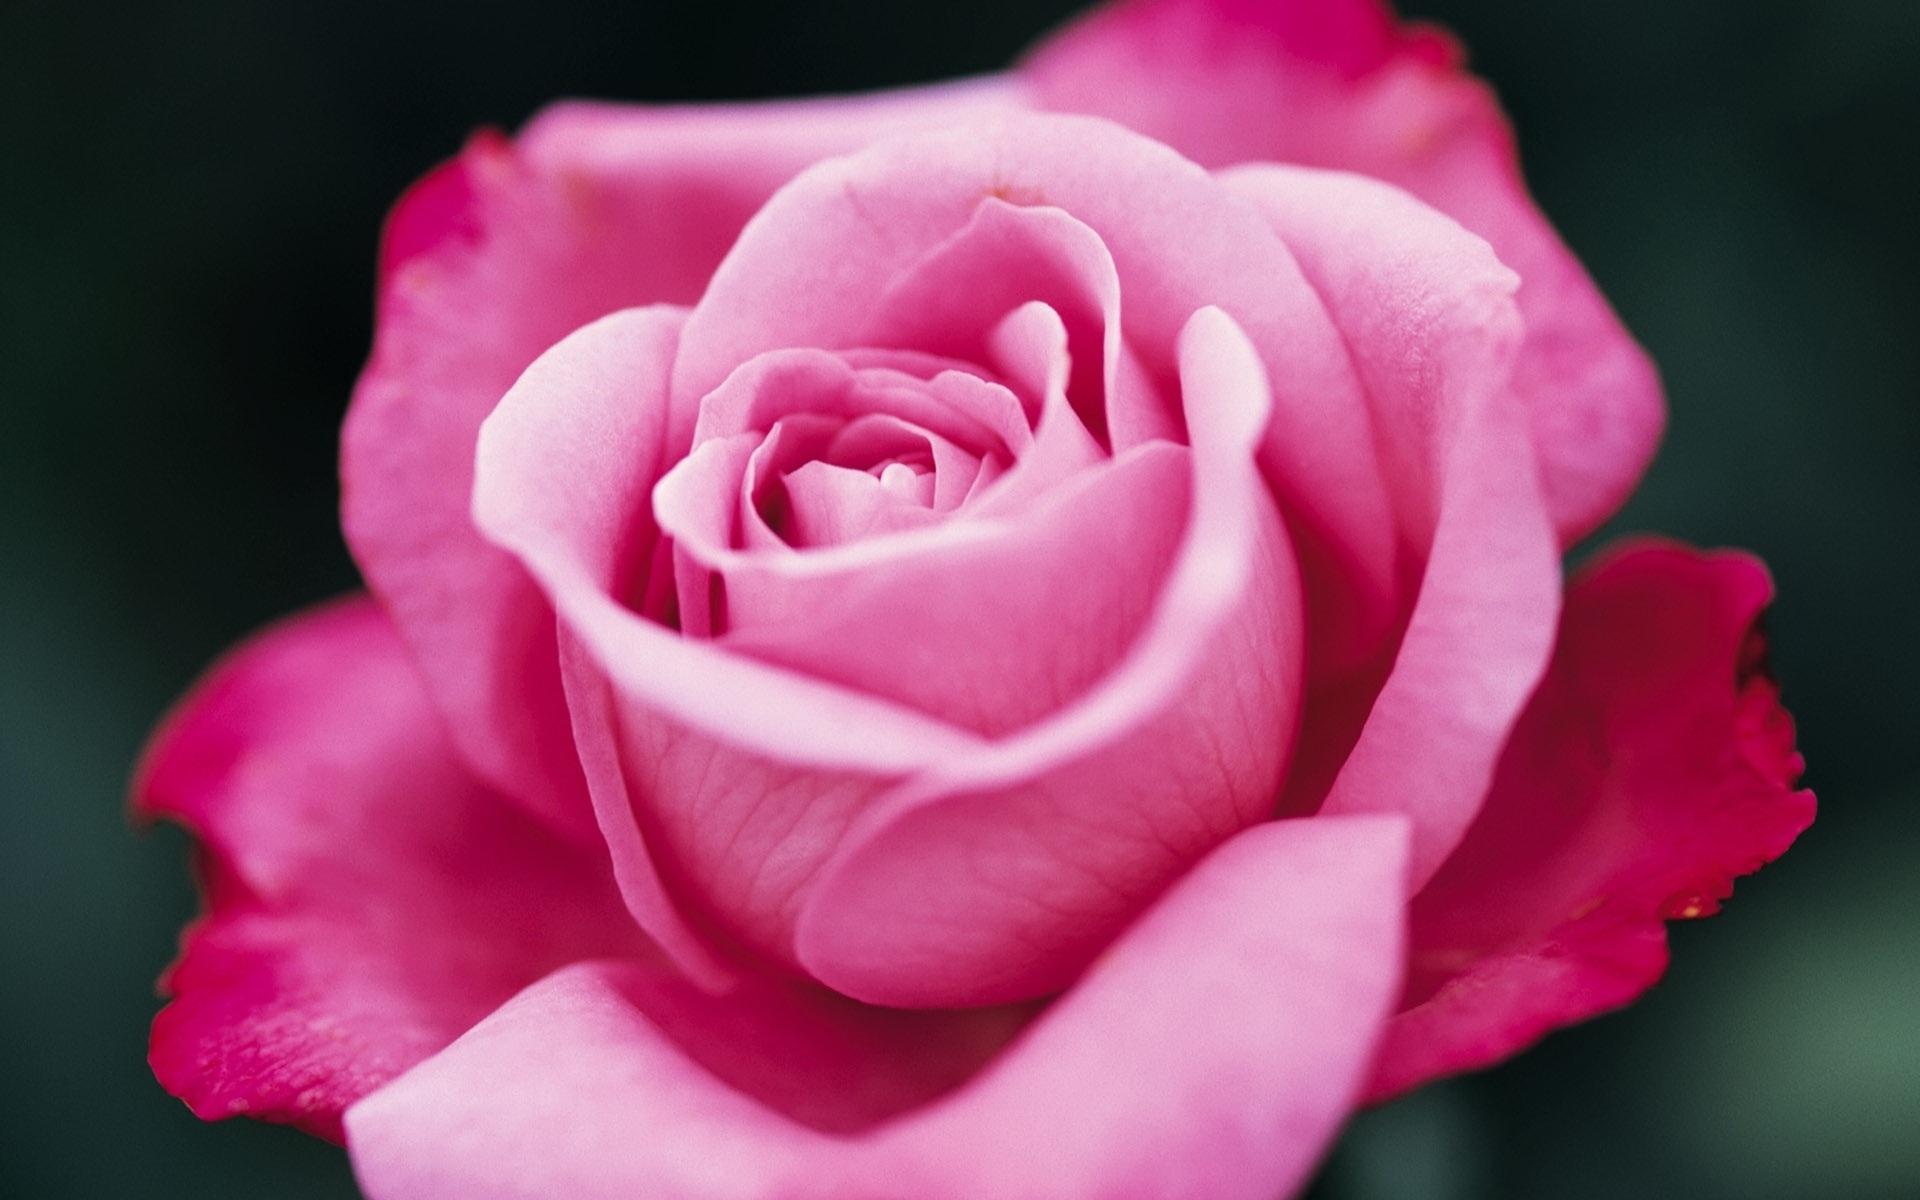 приобретаете самые красивые розы мира фото розовые себя